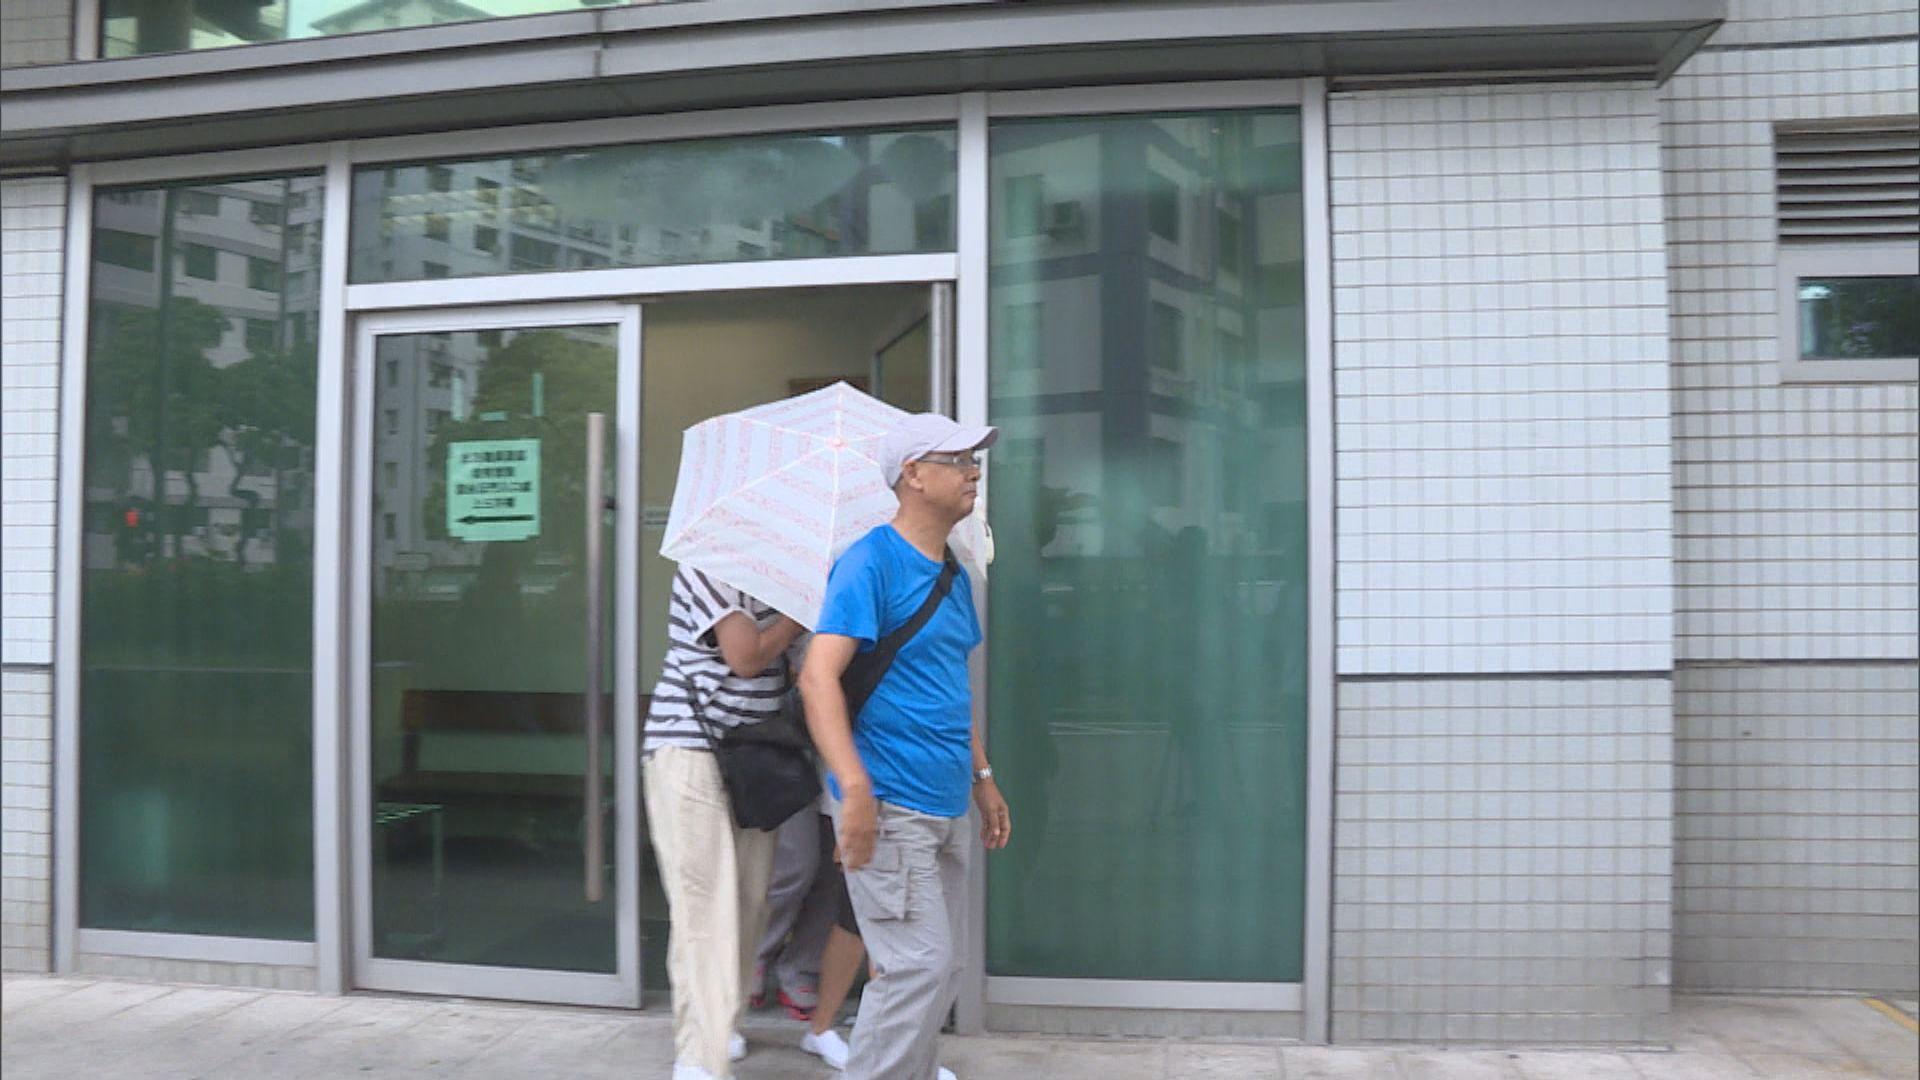 女子被控周六旺角非法集結准保釋